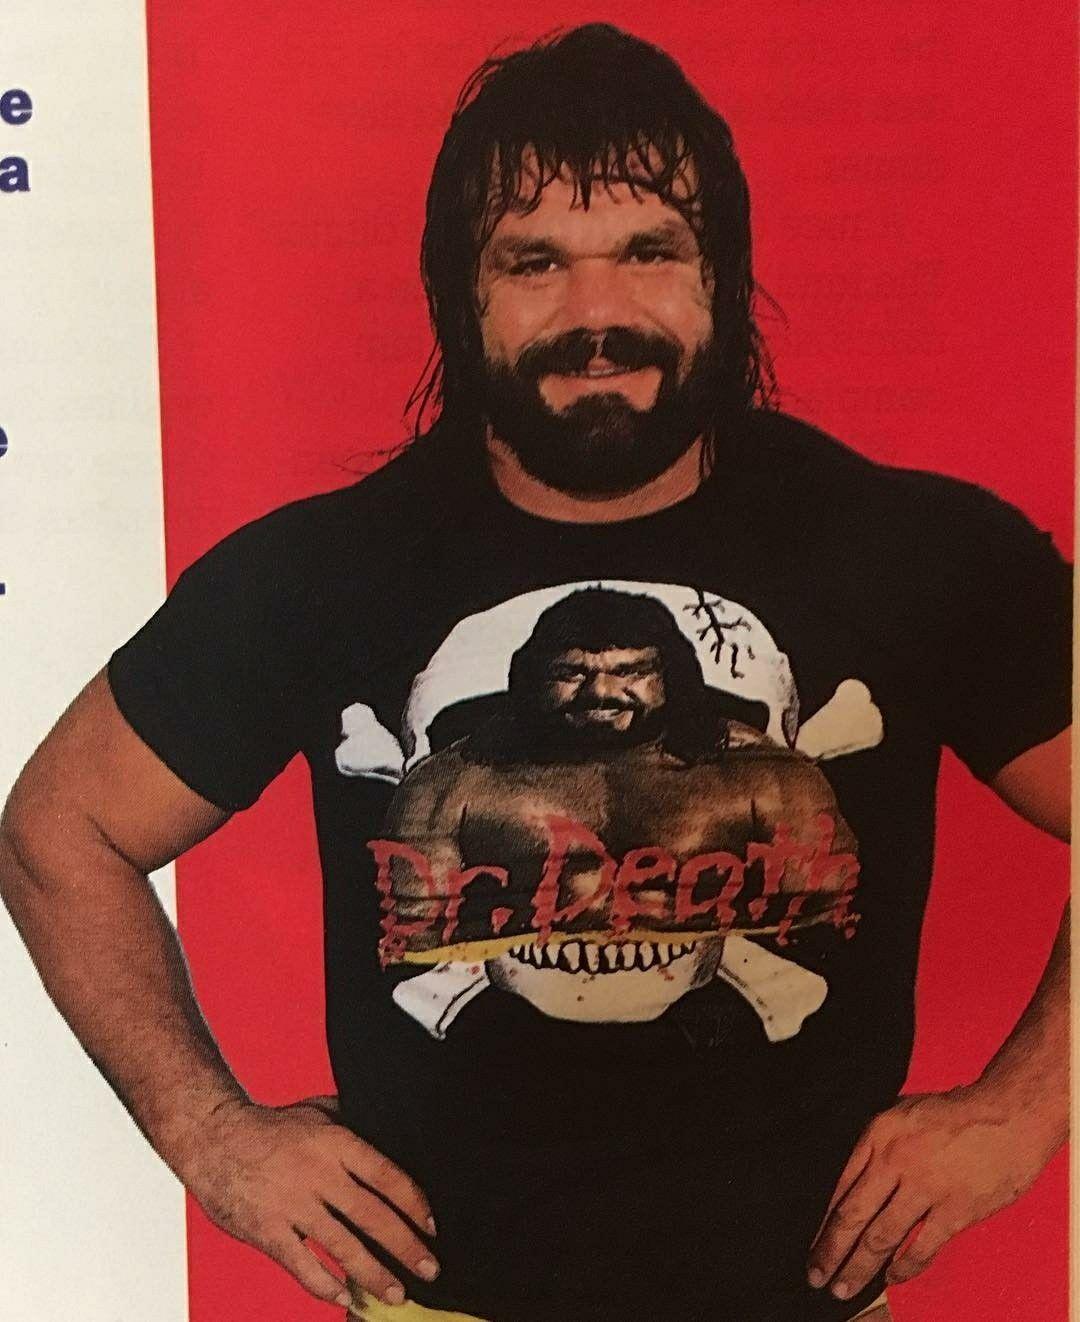 Dr Death Steve Williams World championship wrestling